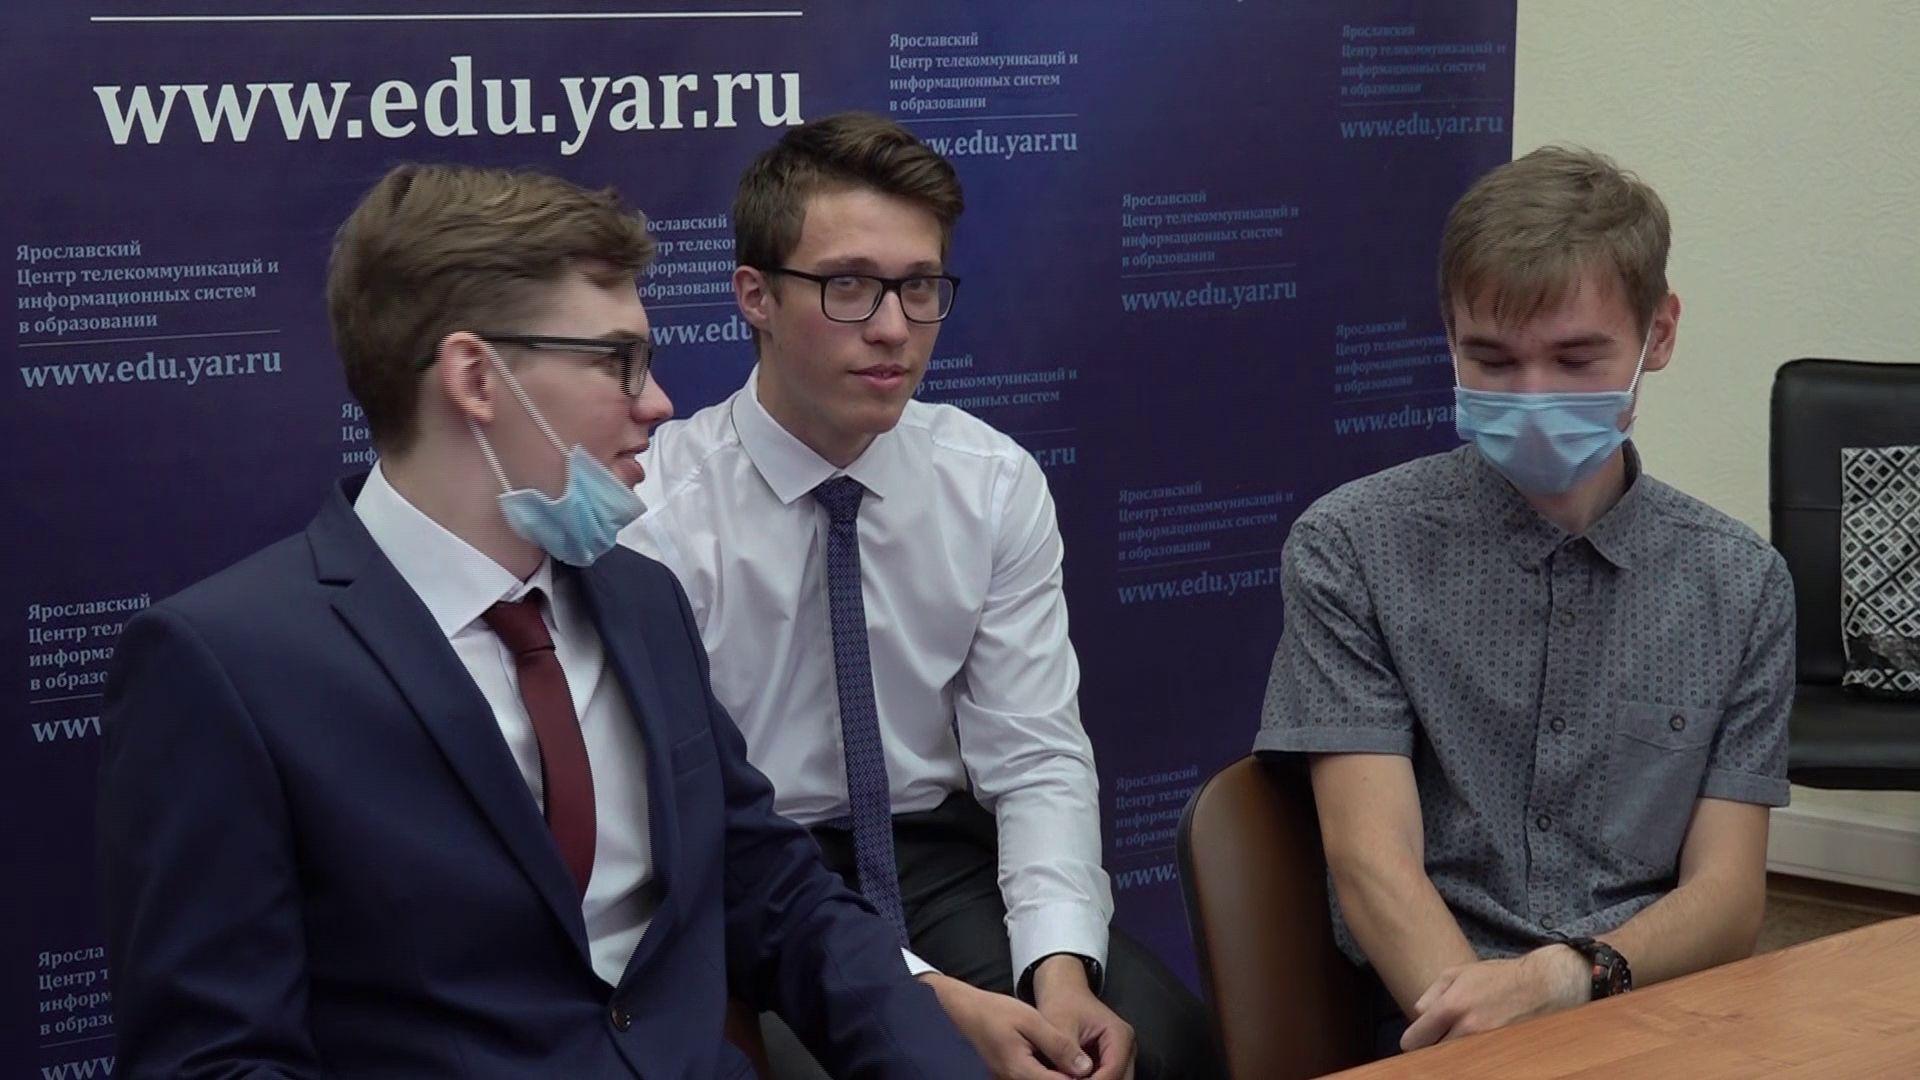 Выпускники–стобалльники пообщались по видеосвязи с губернатором